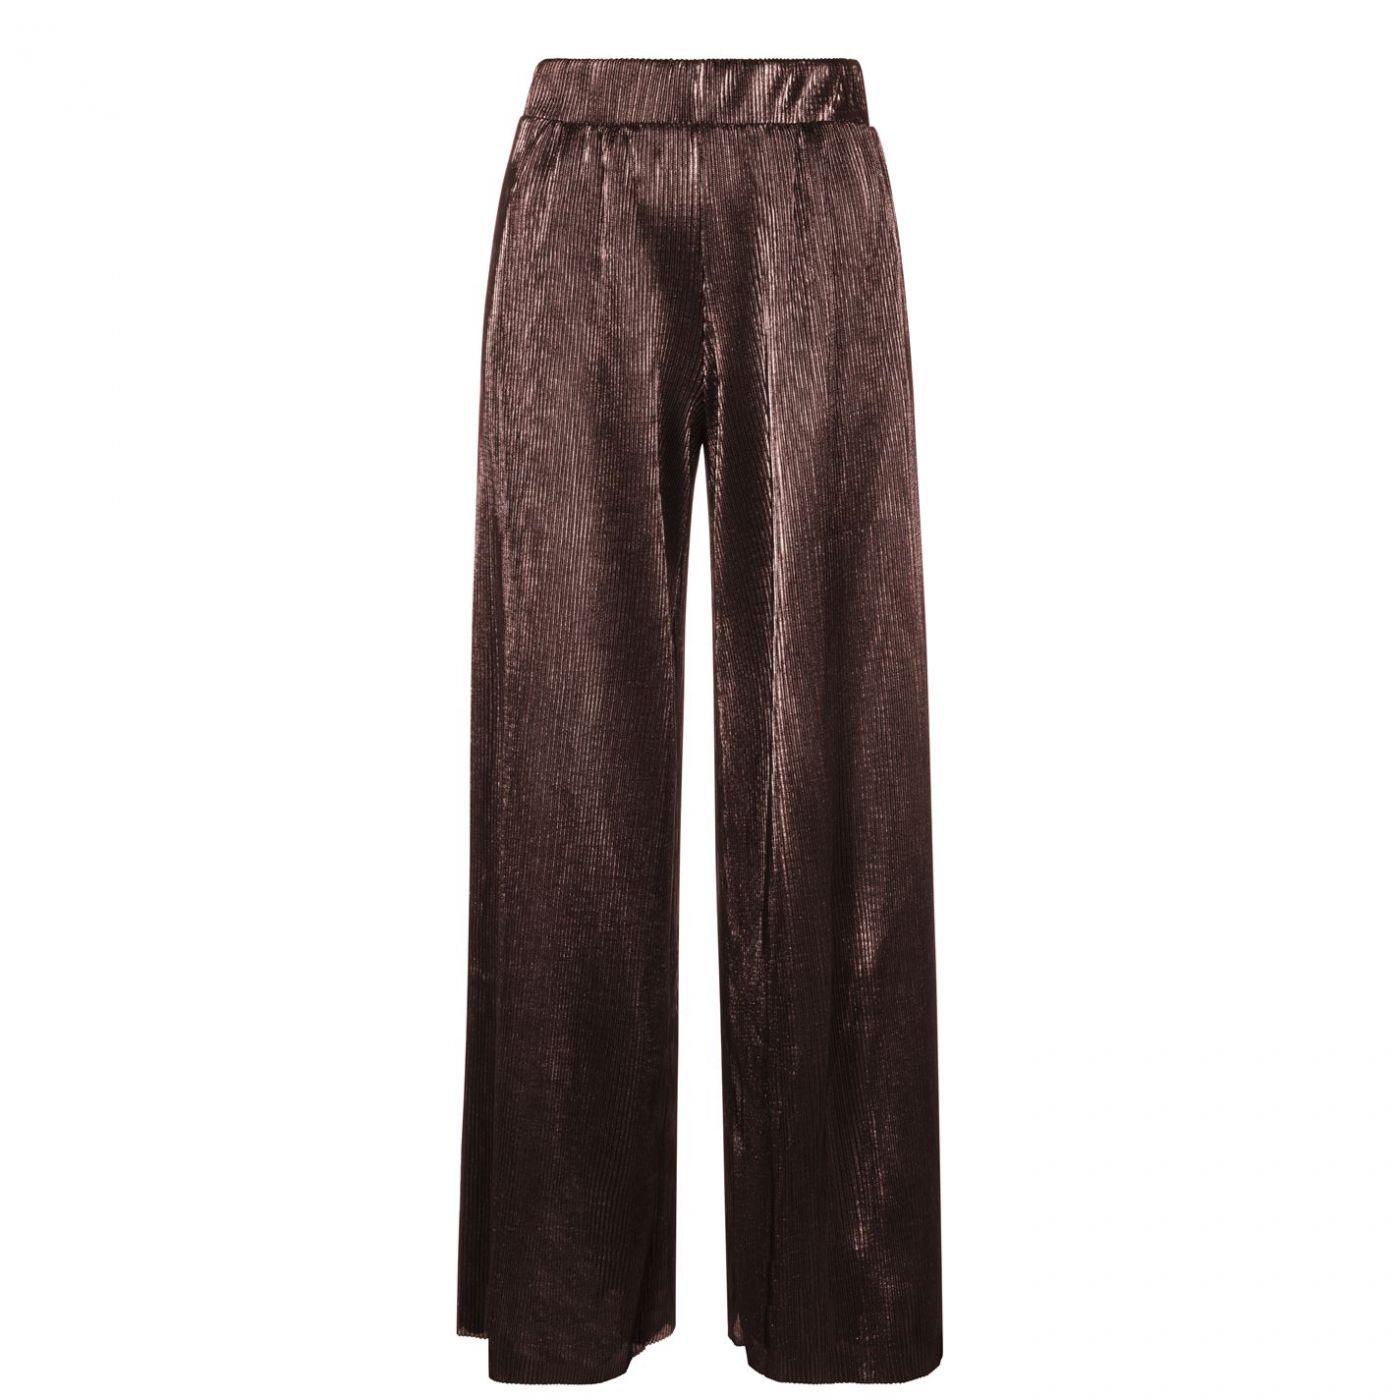 Vero Moda Bella Plisse Trousers